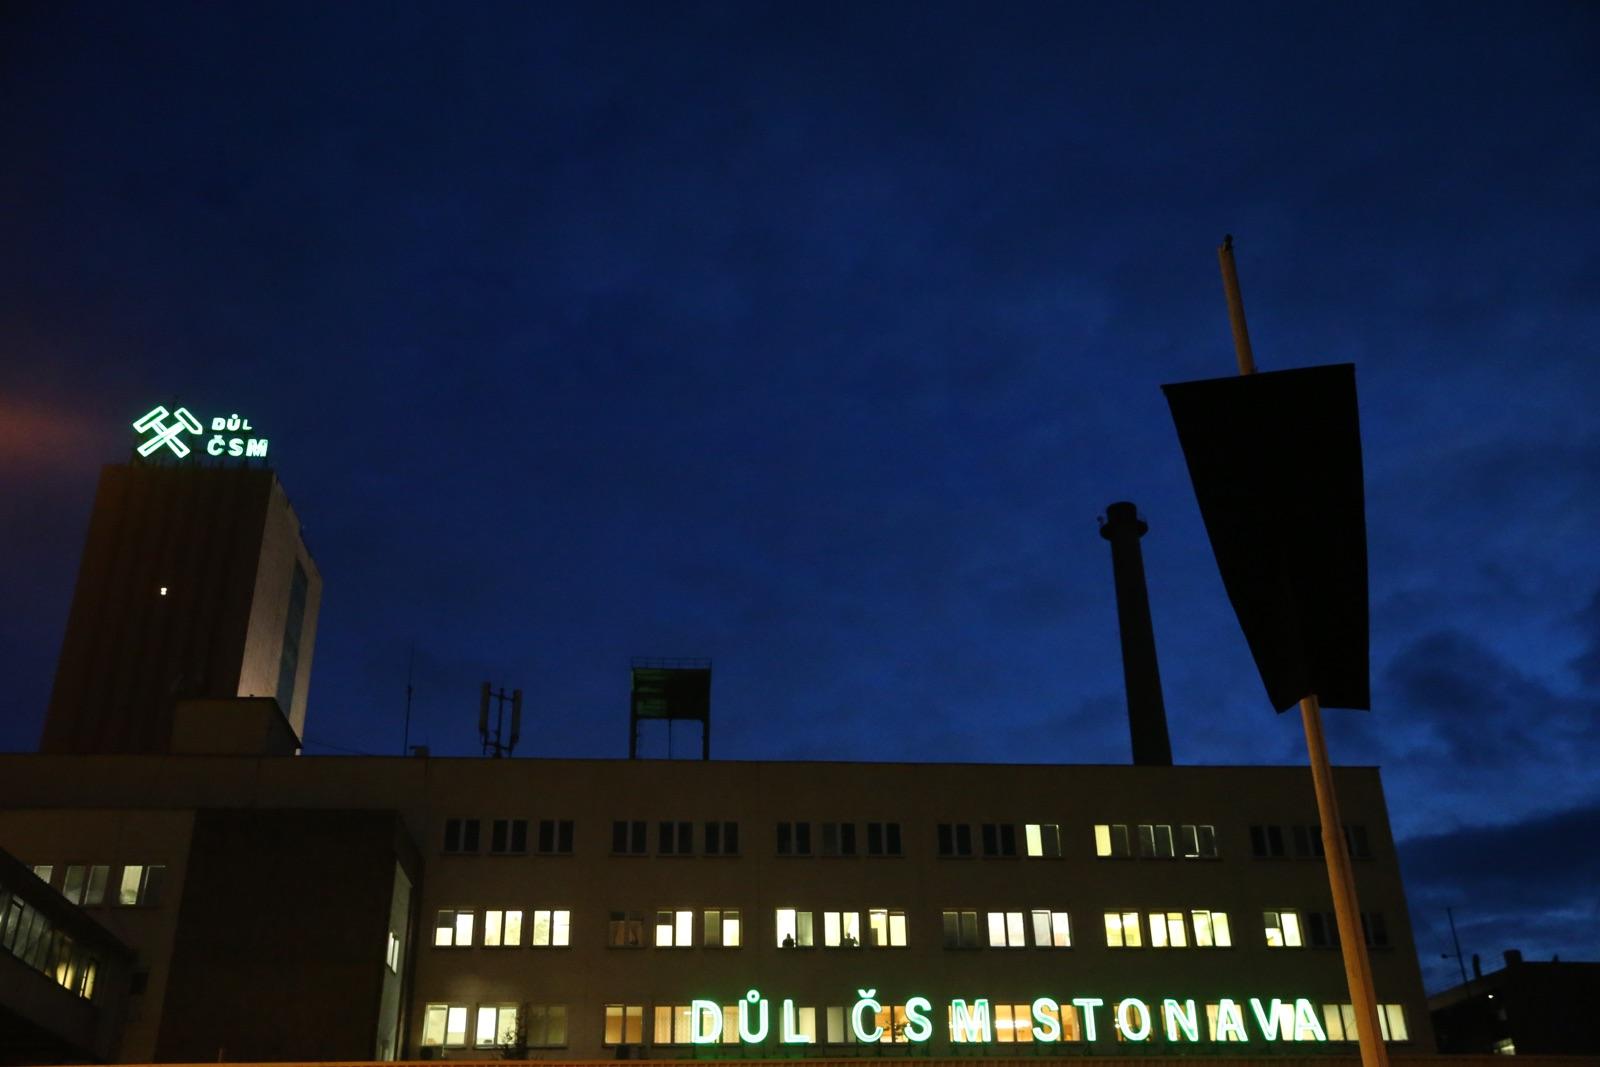 Kopalnia jest zamknięta. W Karwinie otworzone zostało centrum kryzysowe (fot. PAP/Andrzej Grygiel)